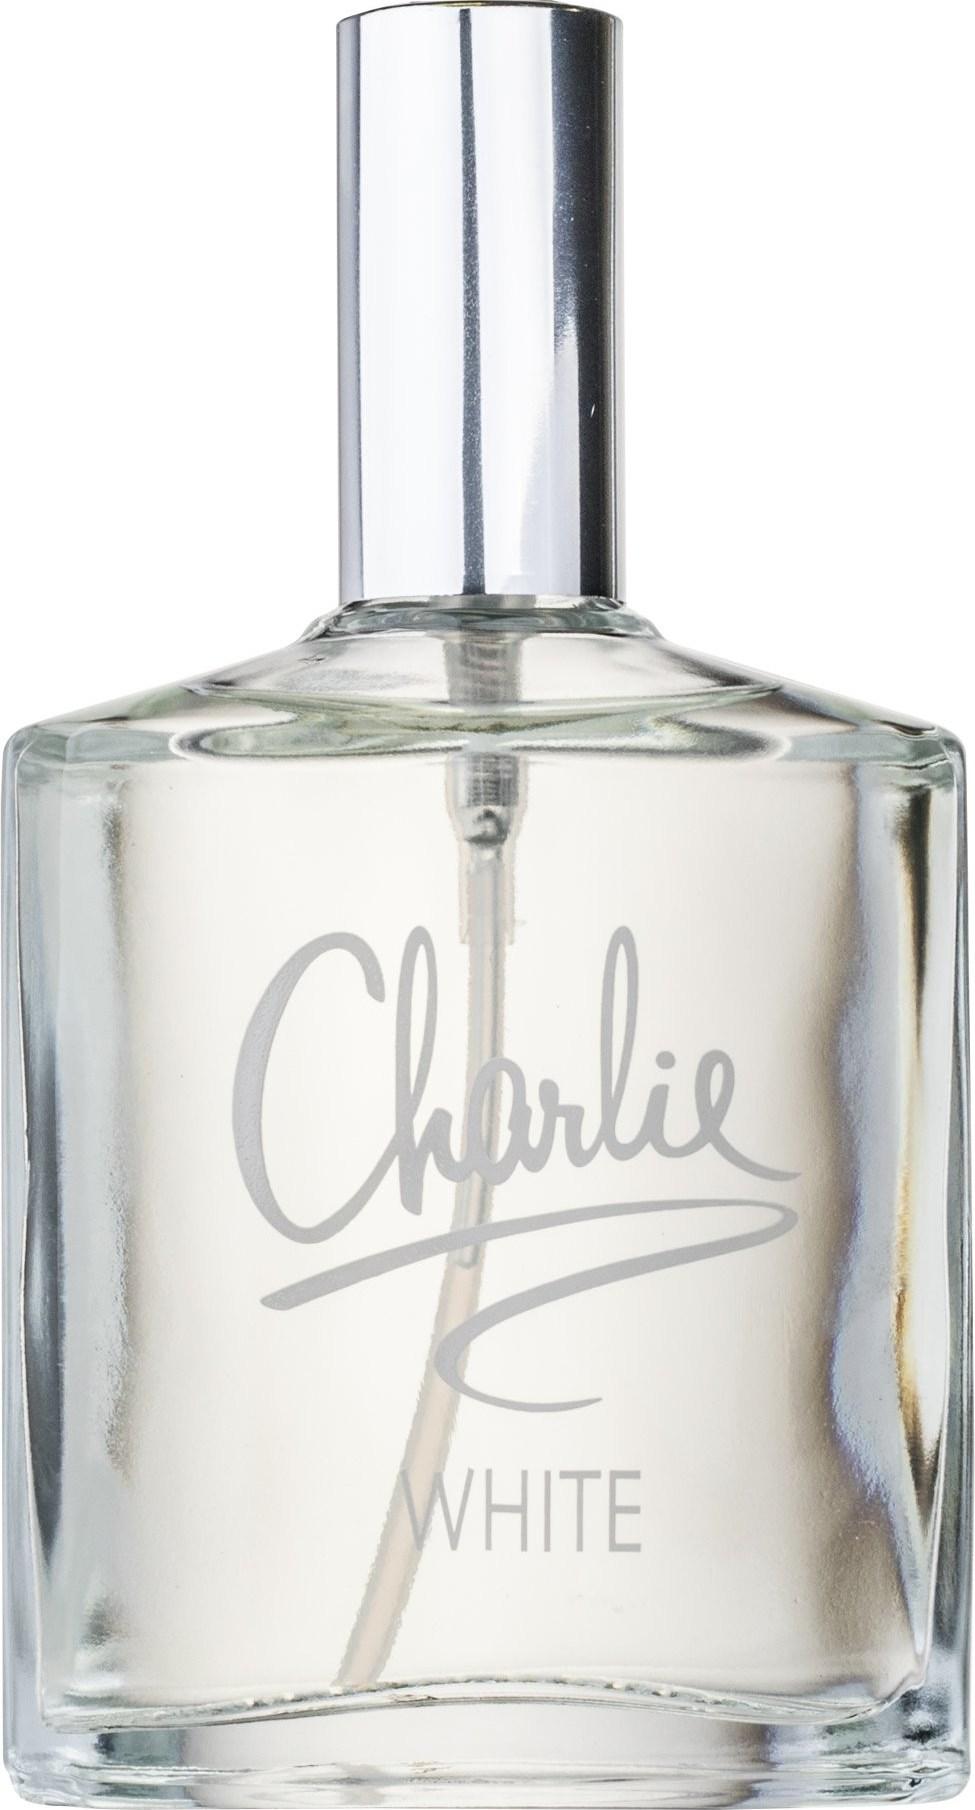 6547d2c5f0 Revlon Charlie White 100 ml od 3